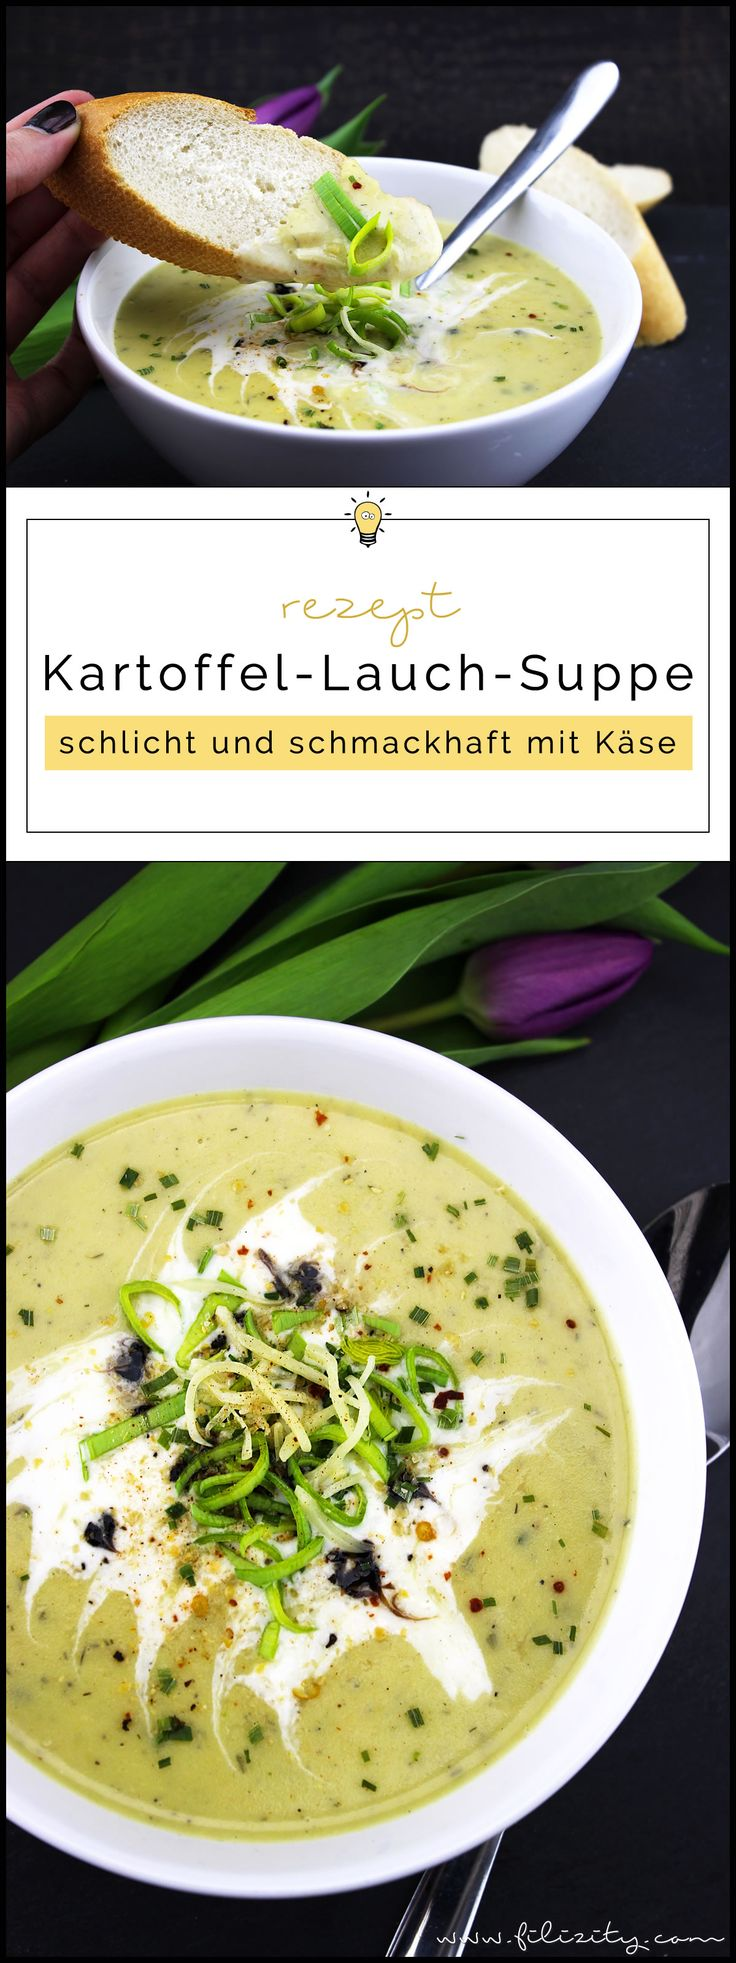 Herbst-Rezept: Kartoffel-Lauch-Suppe mit Käse und Kräutern | Filizity.com | Food-Blog aus Koblenz #suppe #herbst #frühling #soulfood